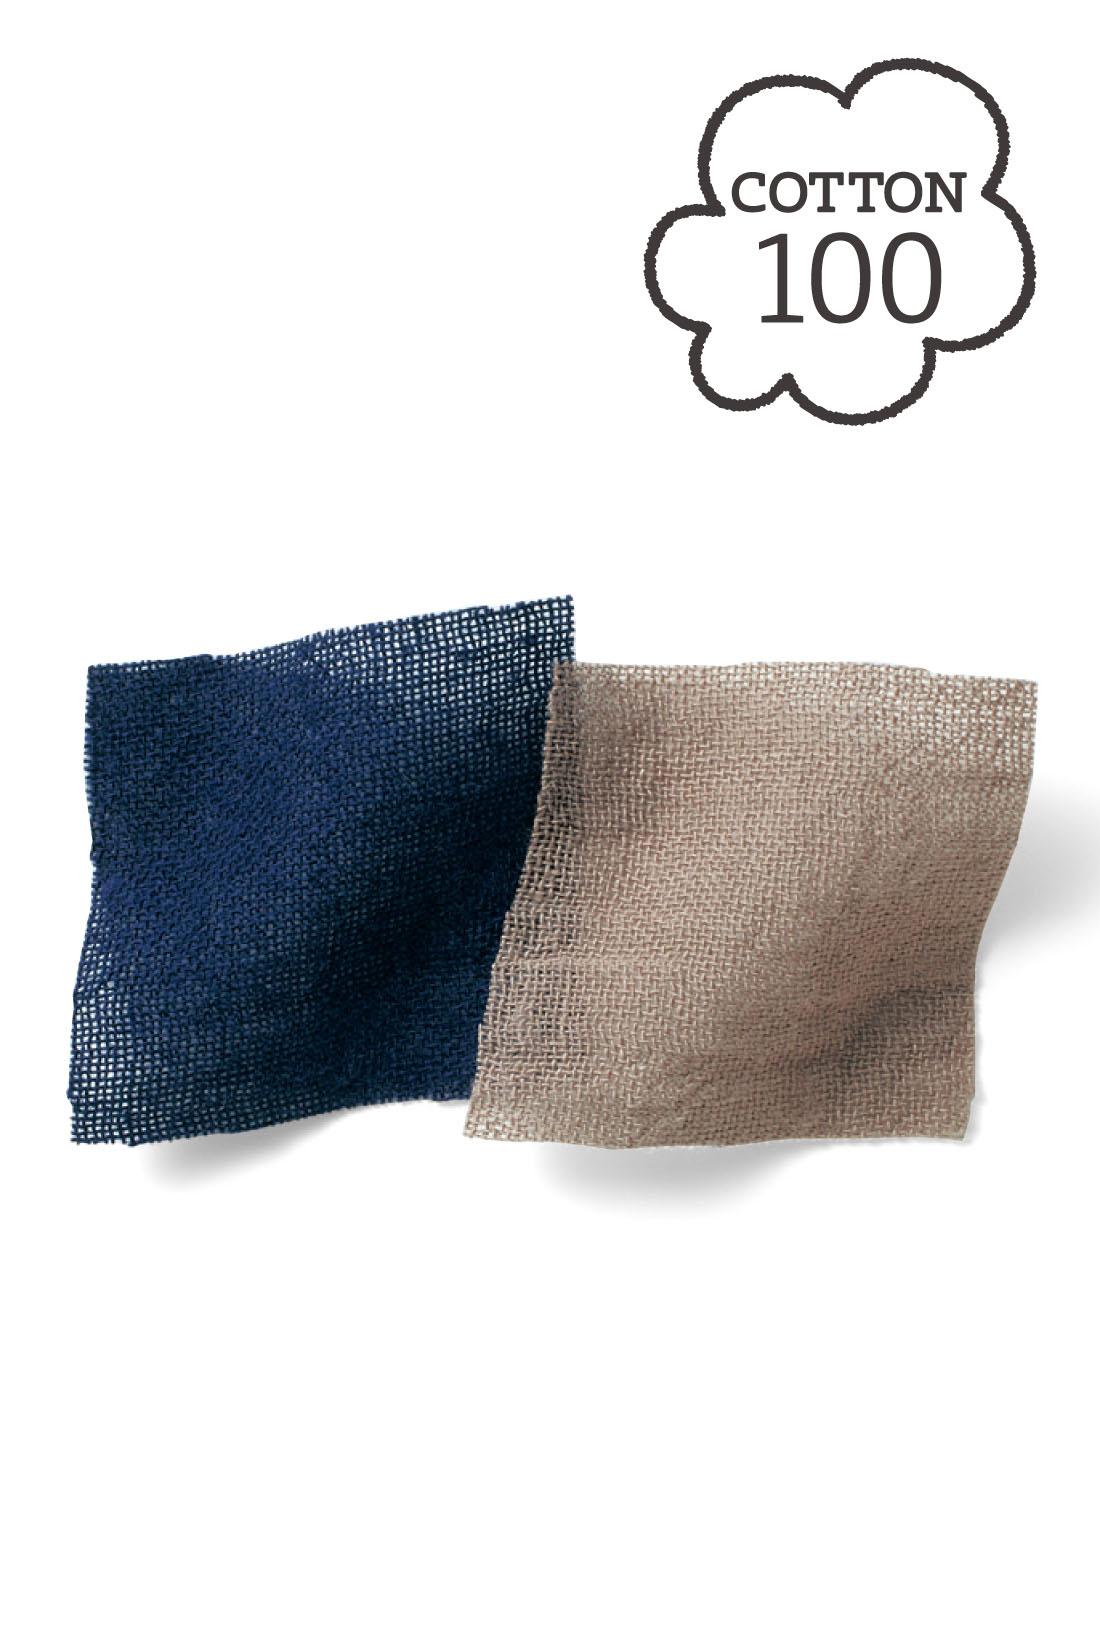 薄手のコットン100%の楊柳は、おうちでお手入れできてノンアイロンで着られます。